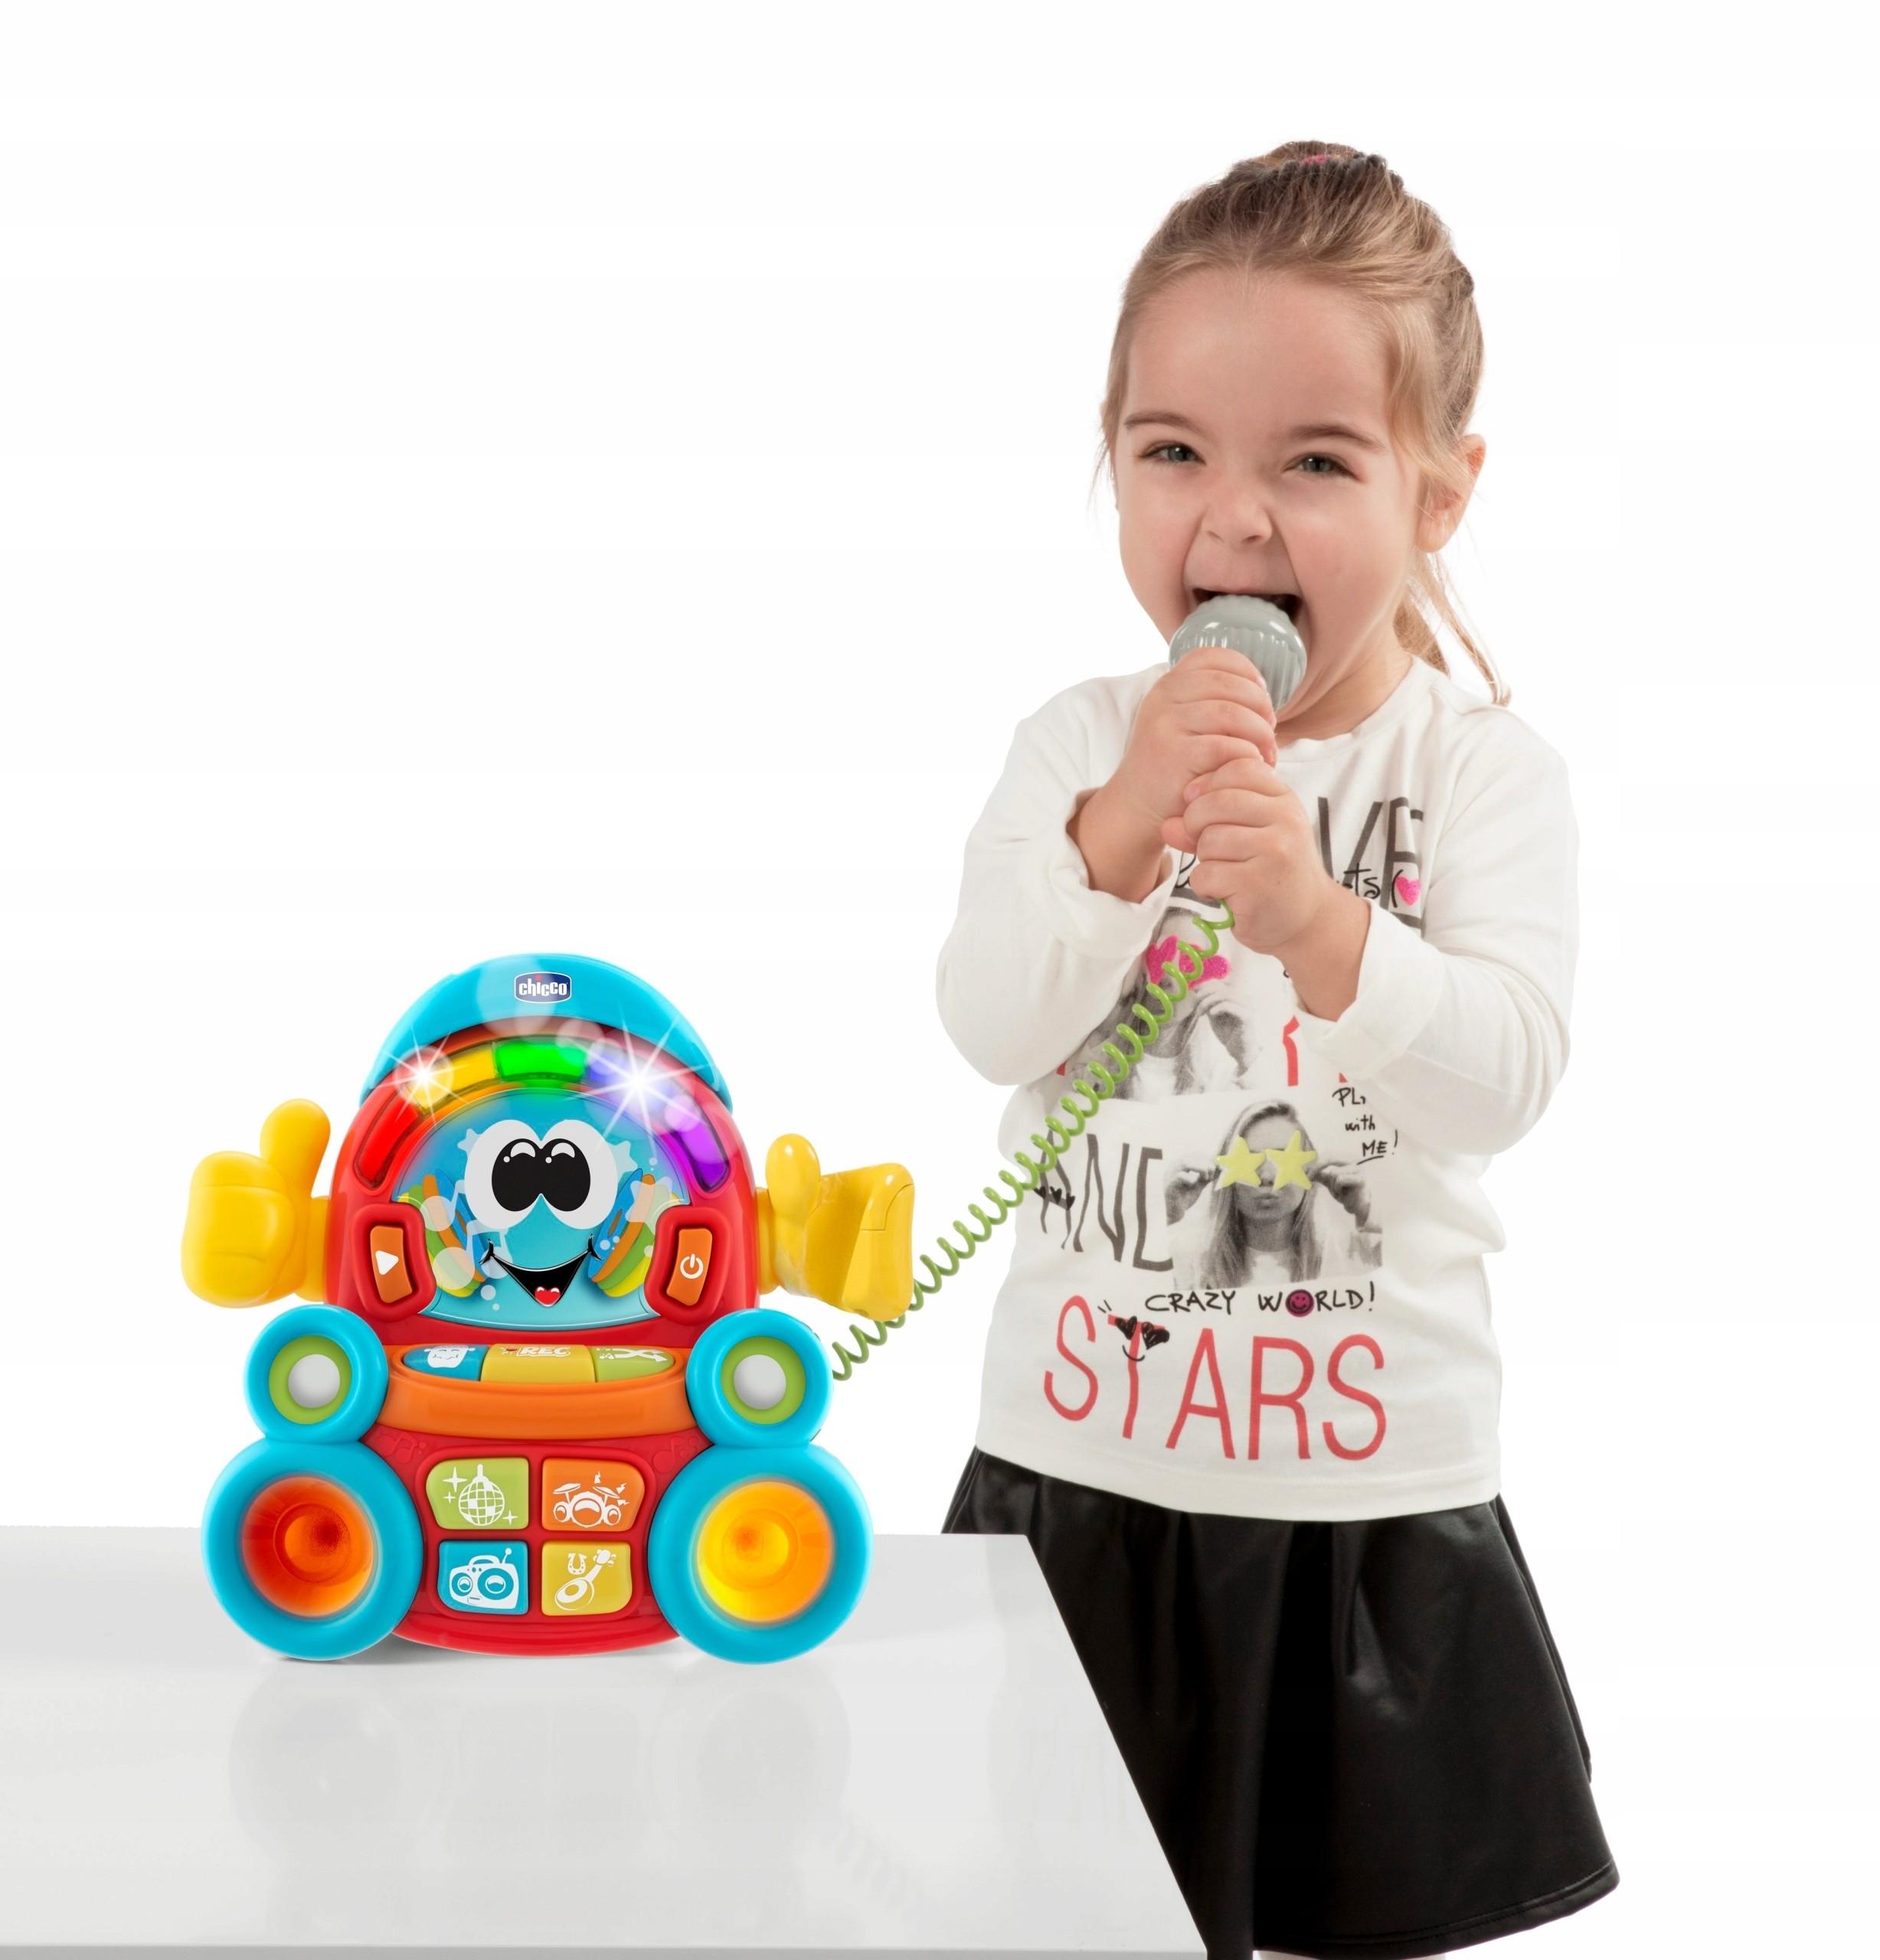 Zabawka interaktywna Chicco Songy Karaoke